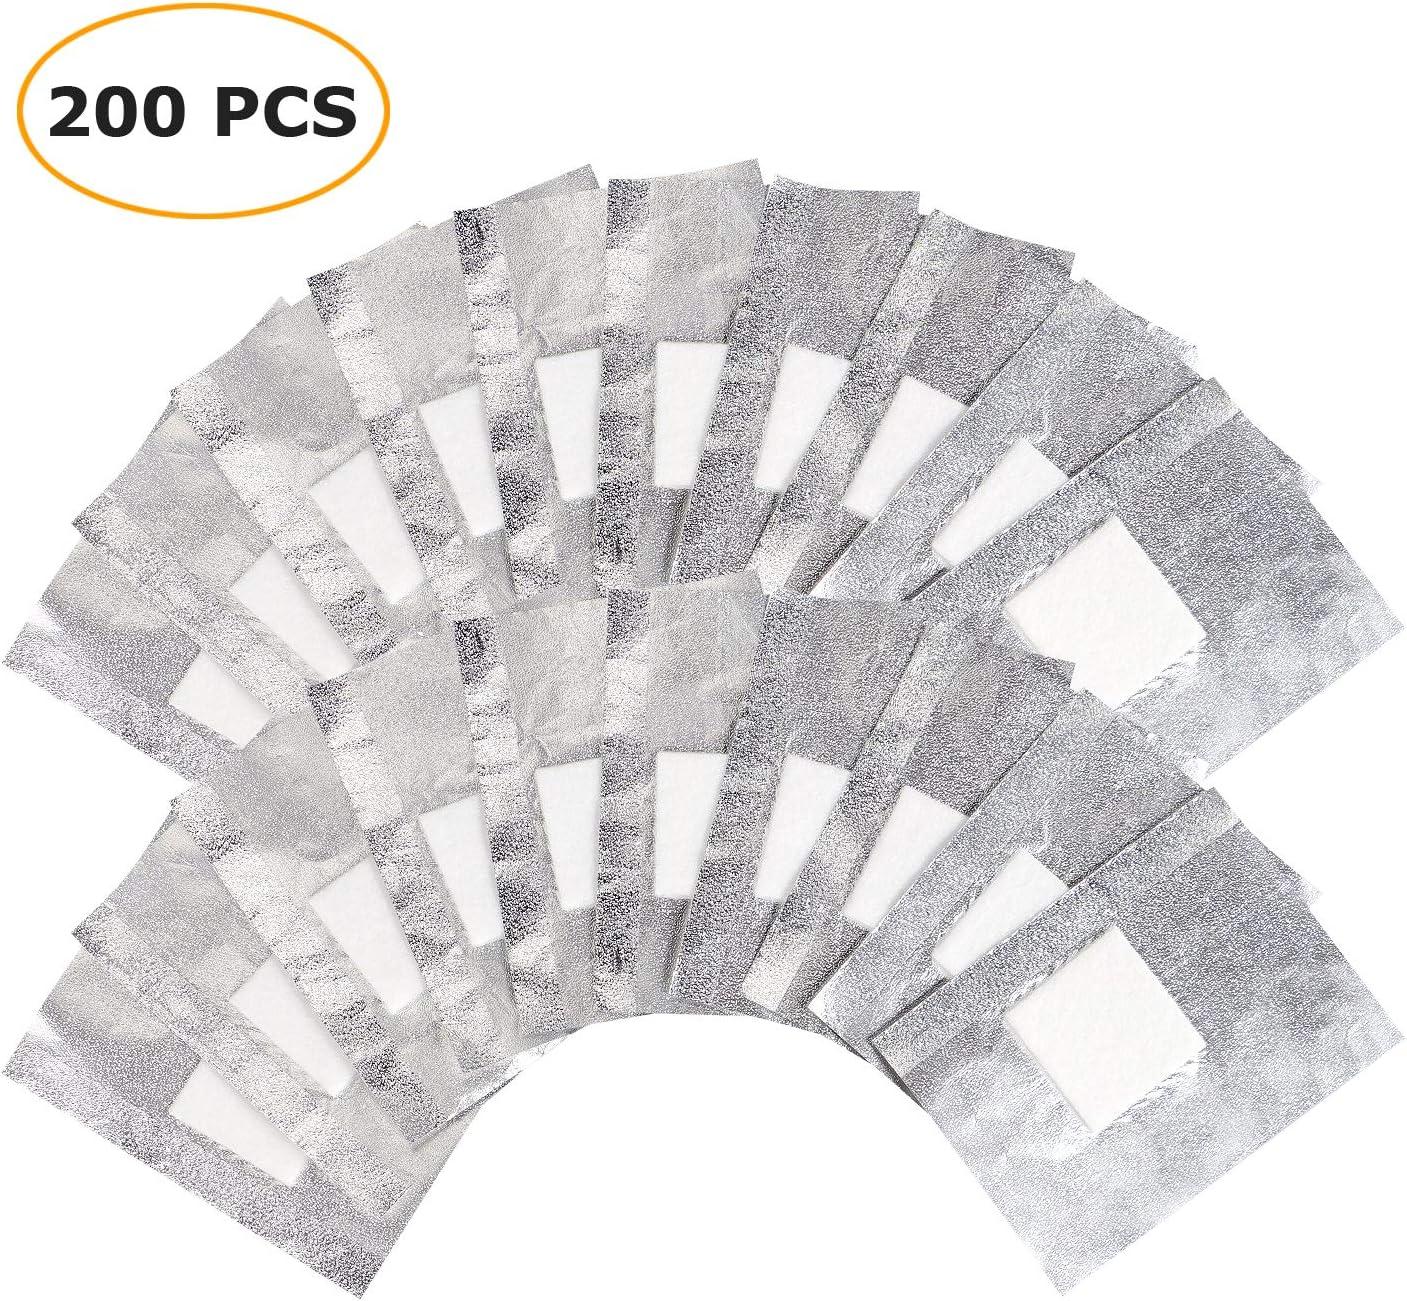 200 piezas quitaesmalte de uñas de gel, remoja las láminas de gel quitaesmalte de uñas con almohadilla de algodón más grande: Amazon.es: Belleza